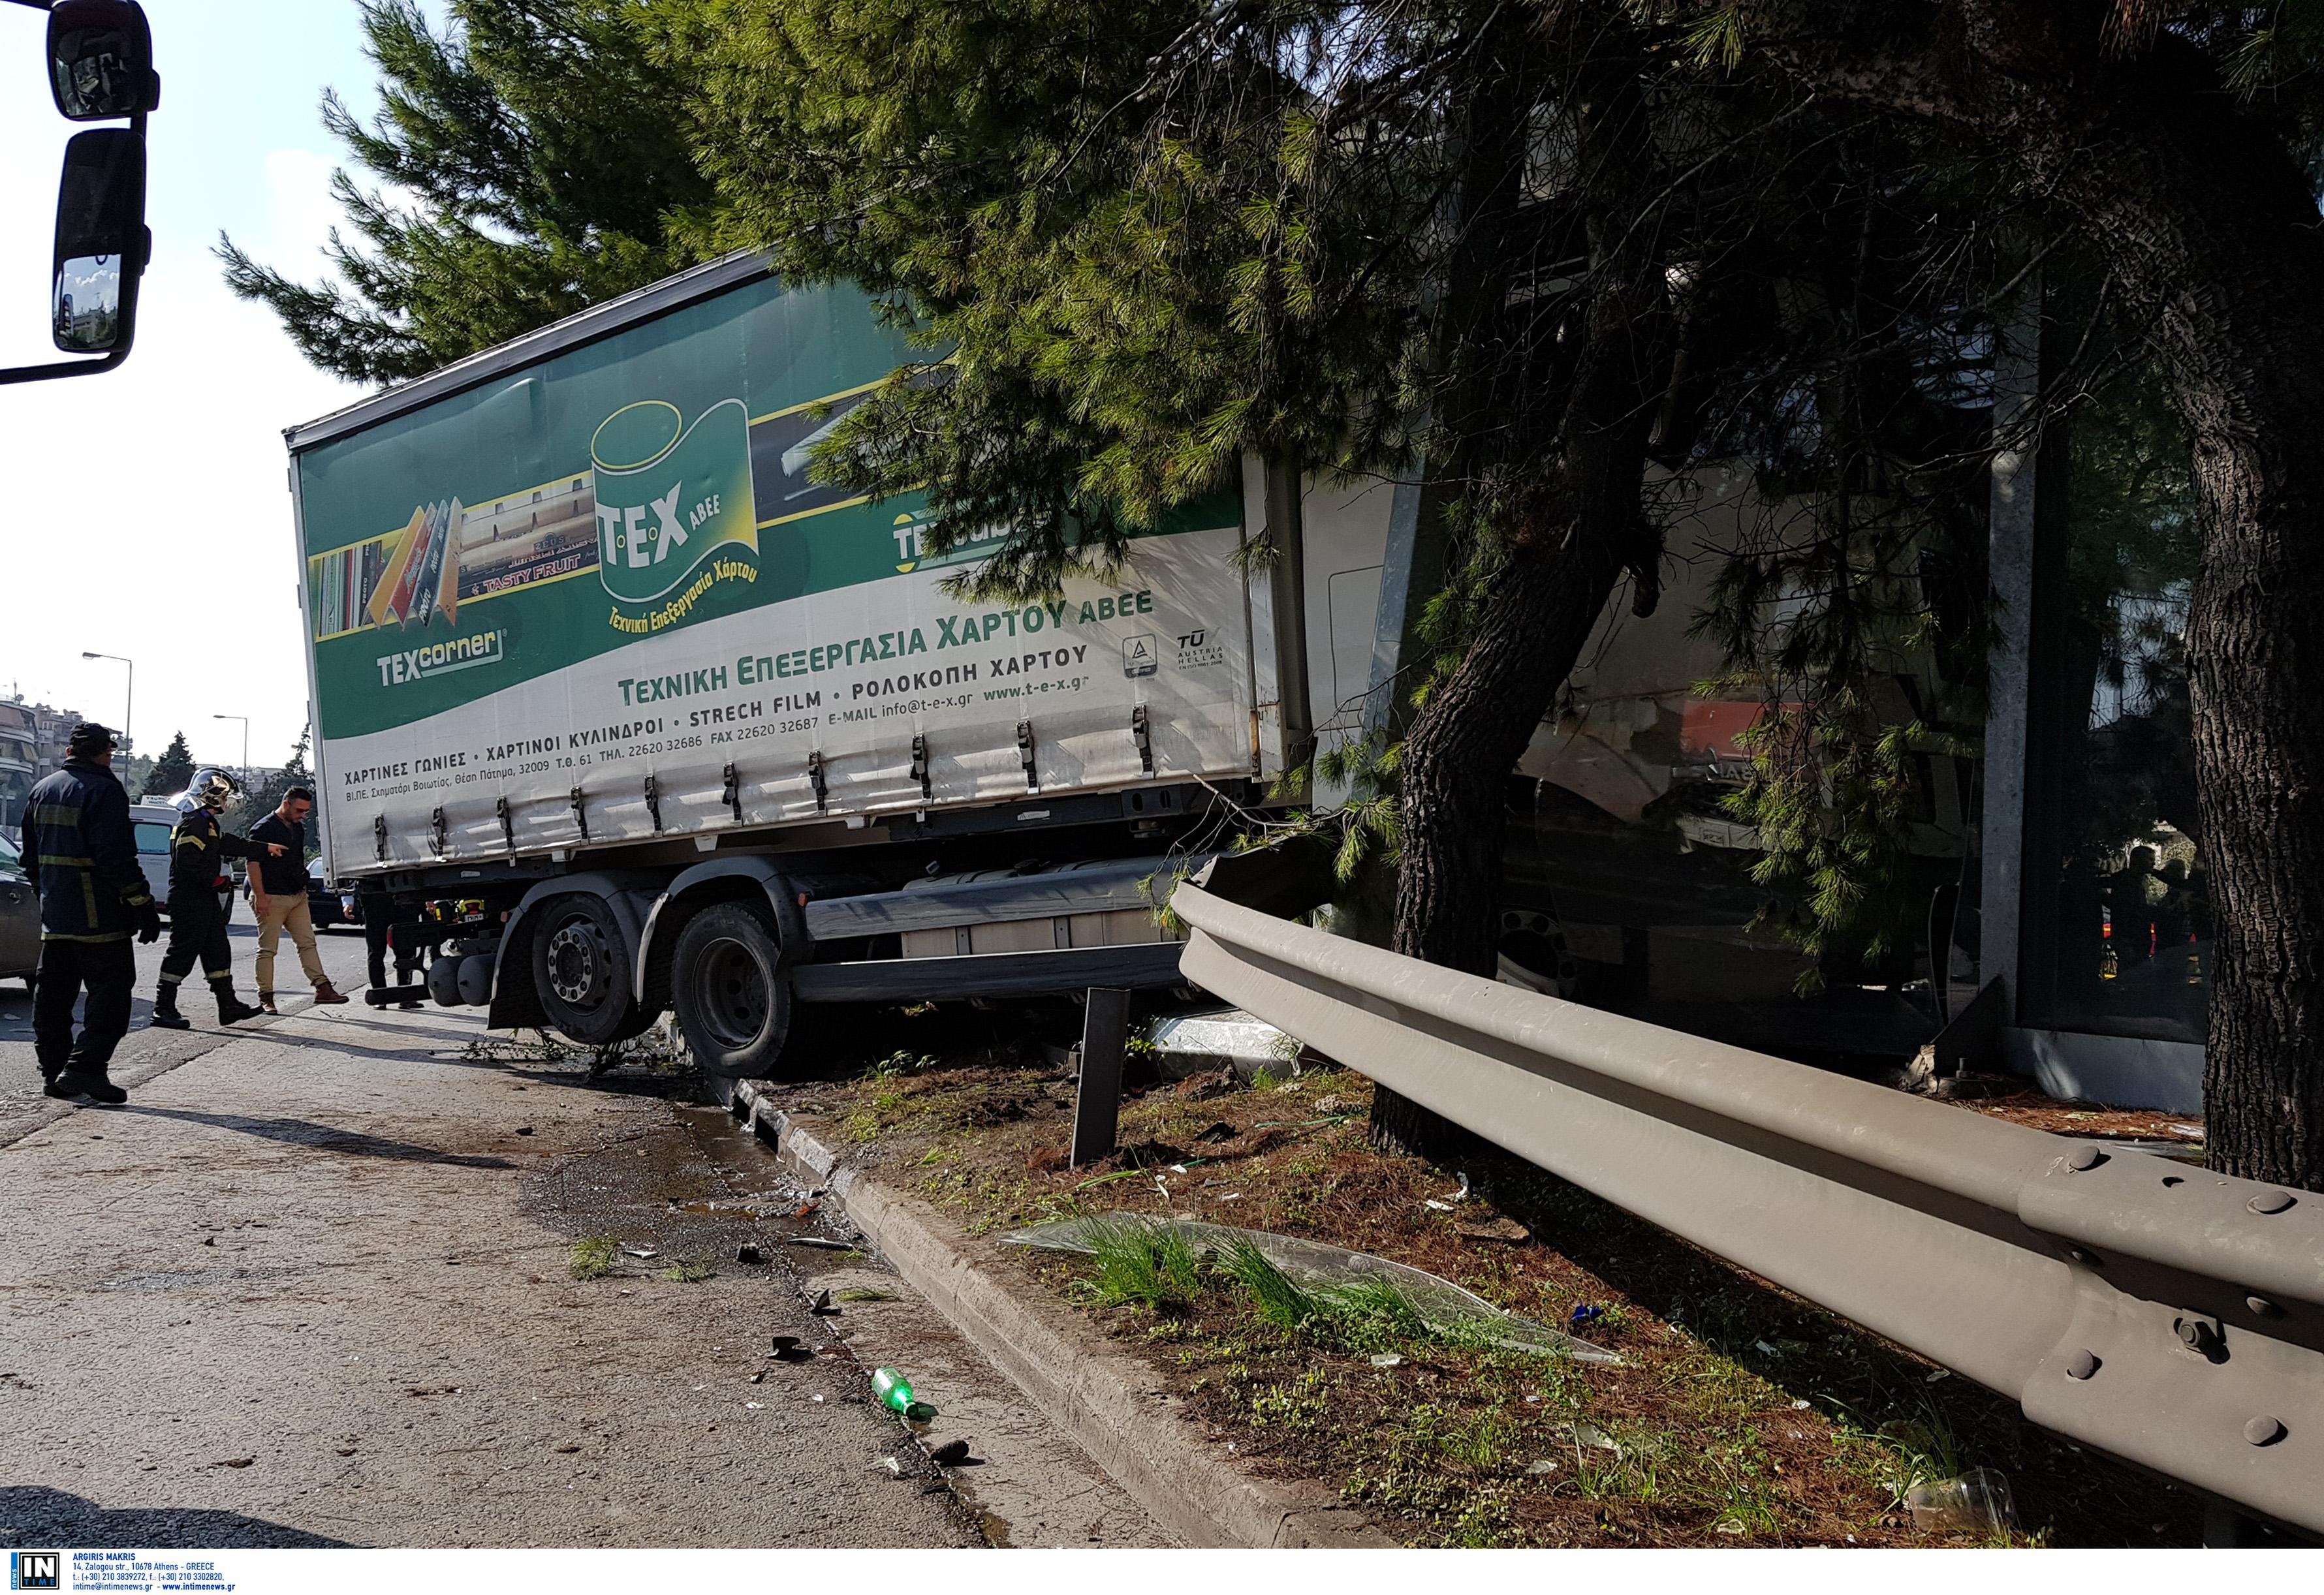 Κηφισός: Εικόνες σοκ μετά το τροχαίο με φορτηγό